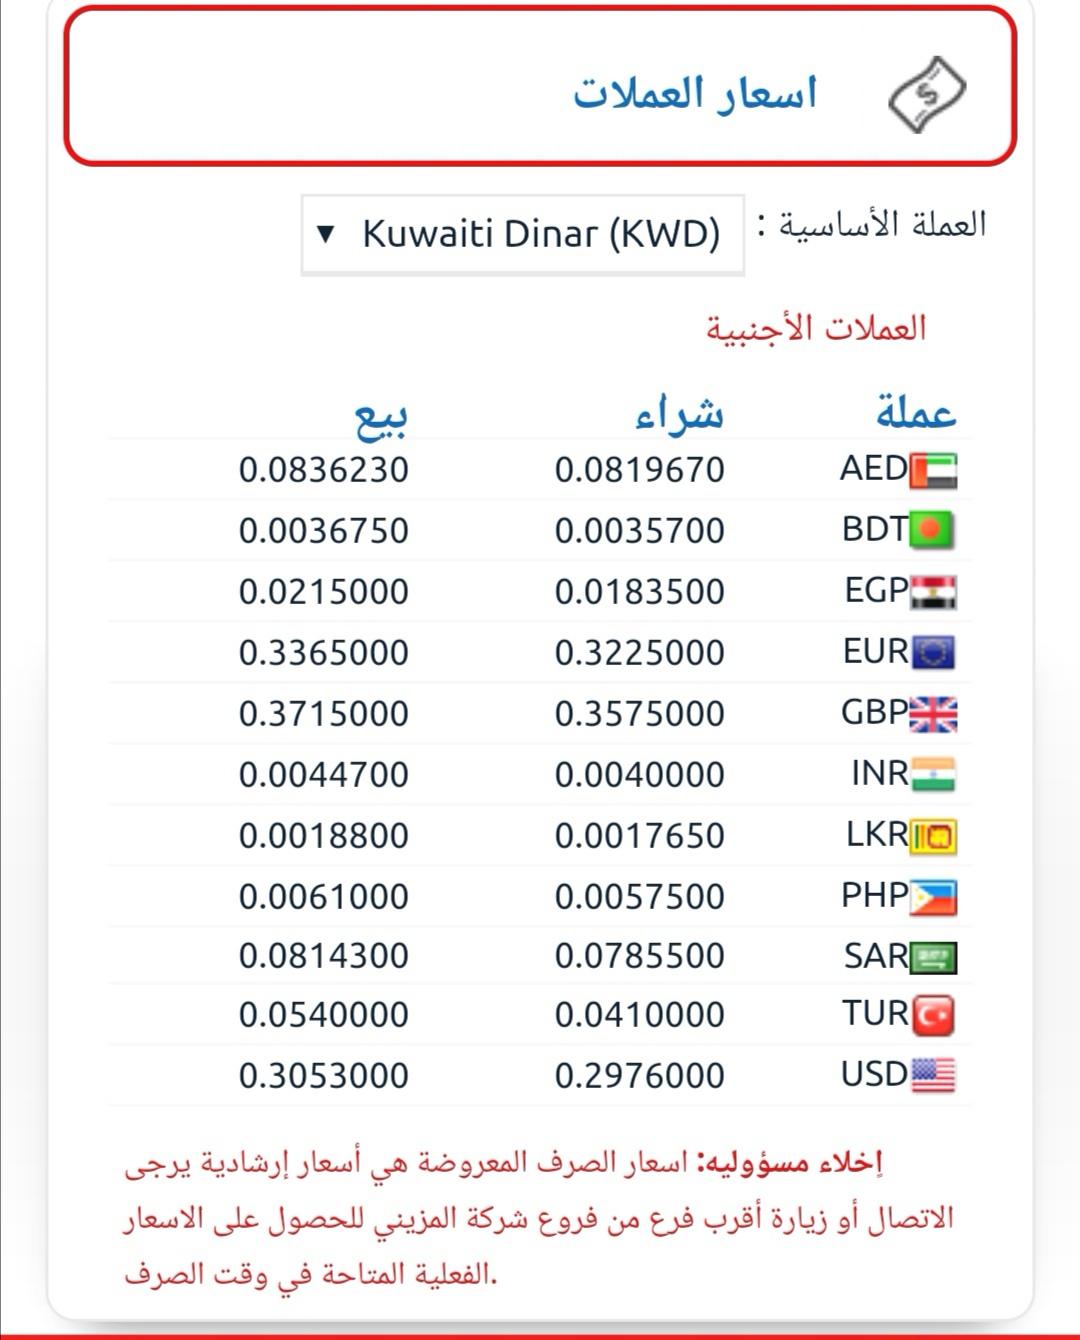 اسعار المزينىاليوم سعر الالف المصري اسعار العملات فى الكويت الان المزيني للصرافة ٣ سبتمبر